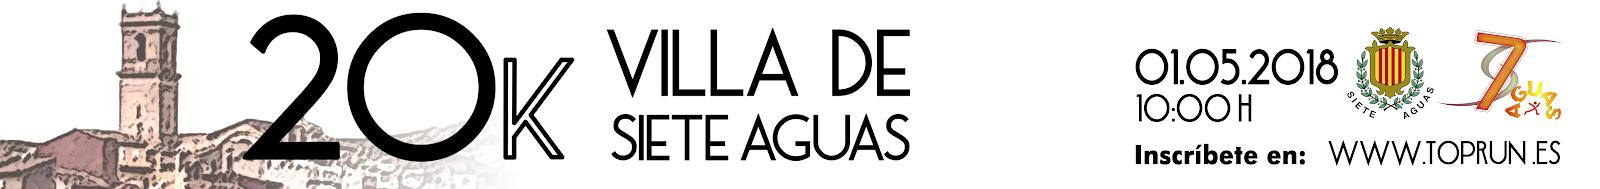 20K VILLA DE SIETE AGUAS